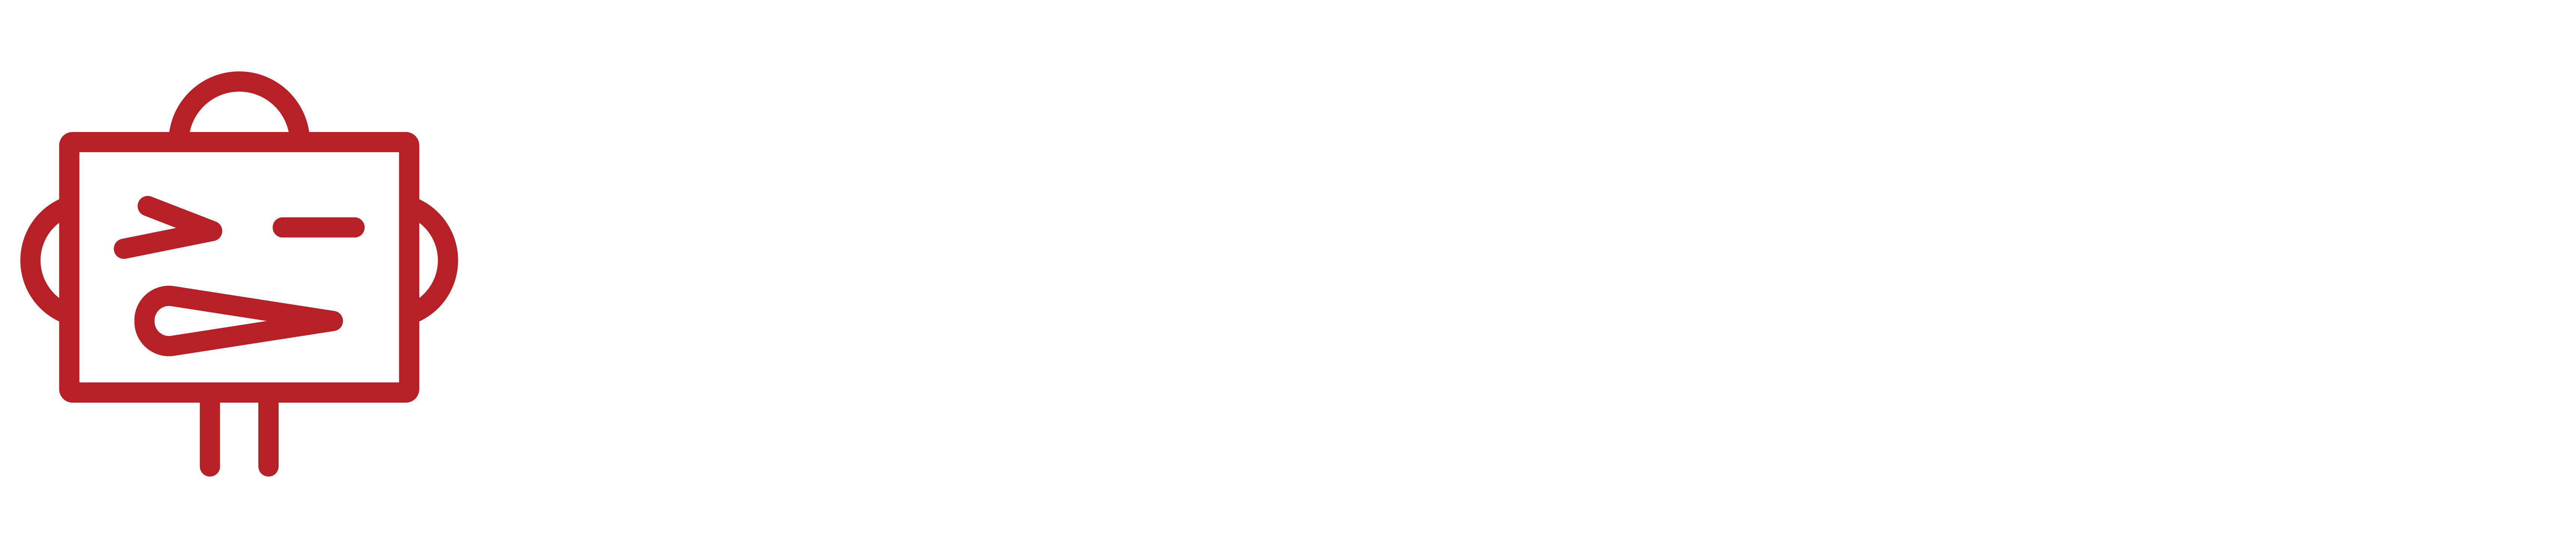 Rev-Logo-Master-White-Red